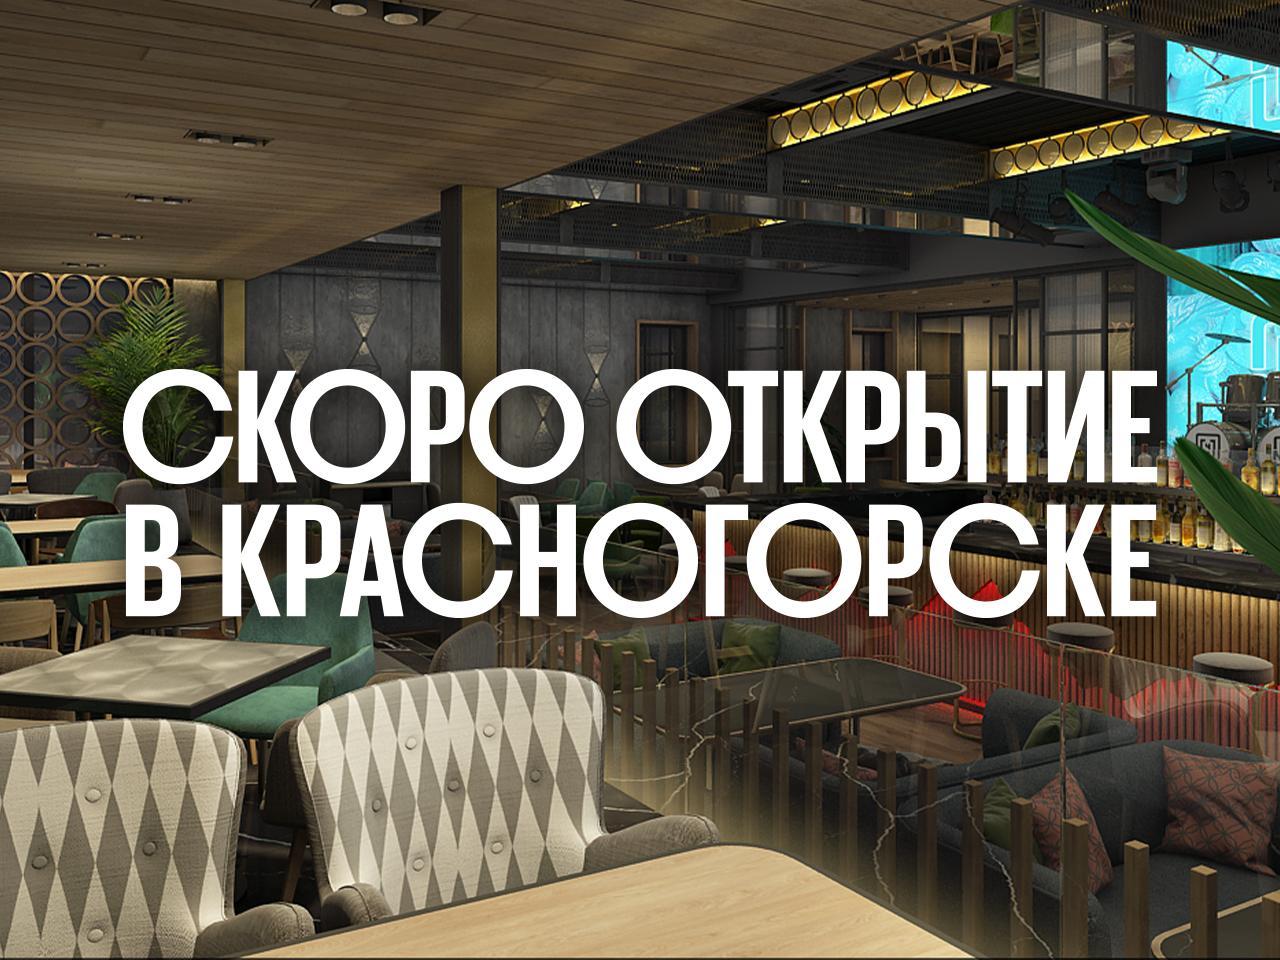 Скоро открытие в Крансогорске